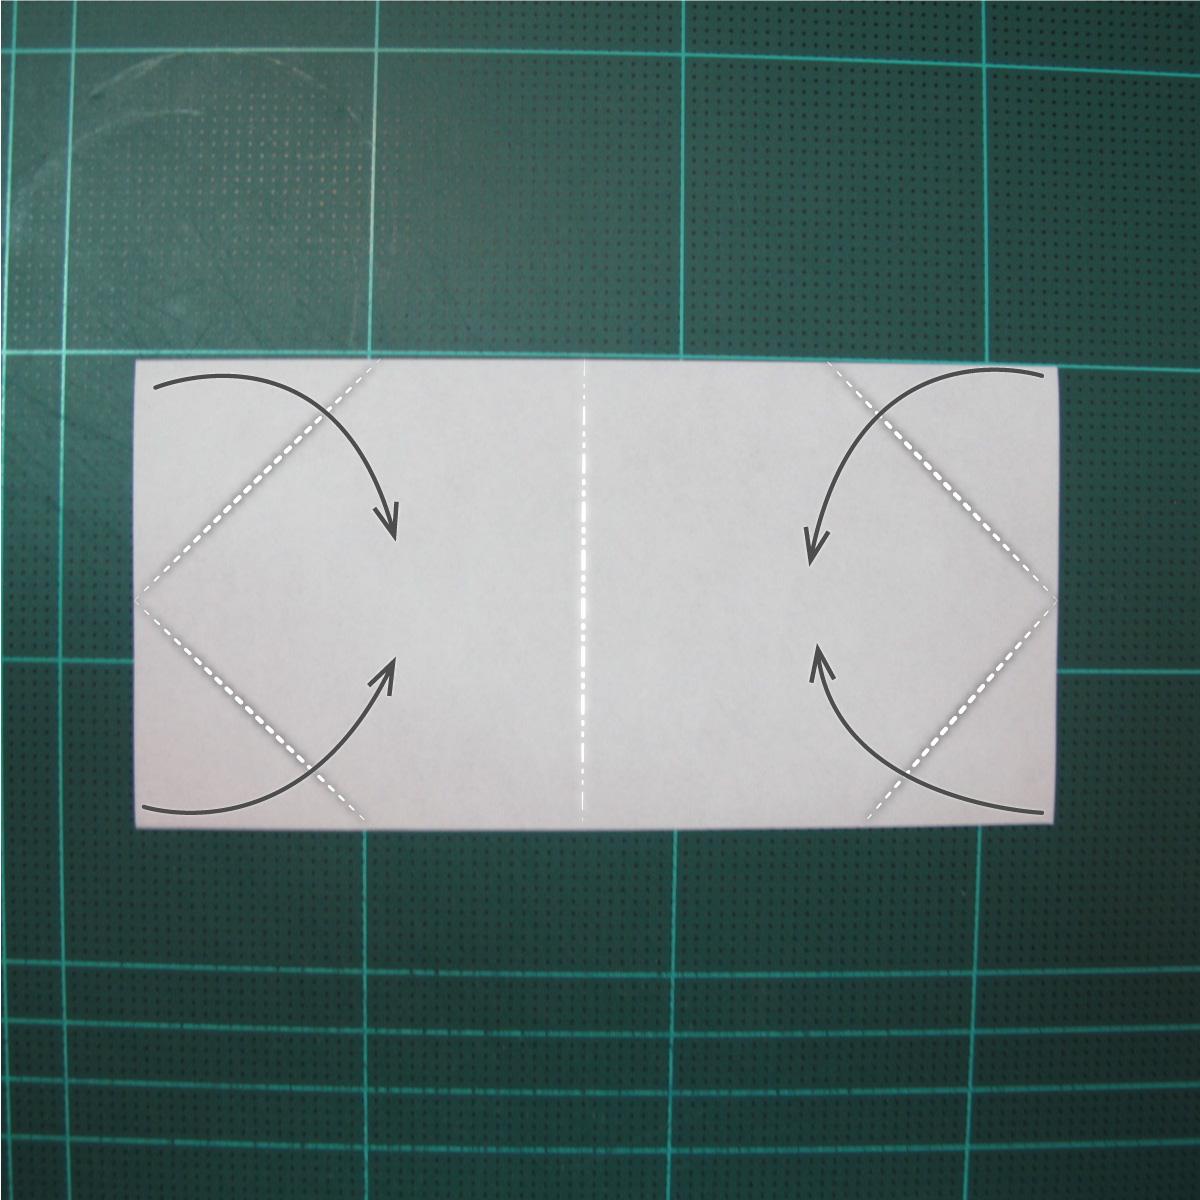 การพับกระดาษแบบโมดูล่าเป็นดาวสปาราซิส (Modular Origami Sparaxis Star) 002